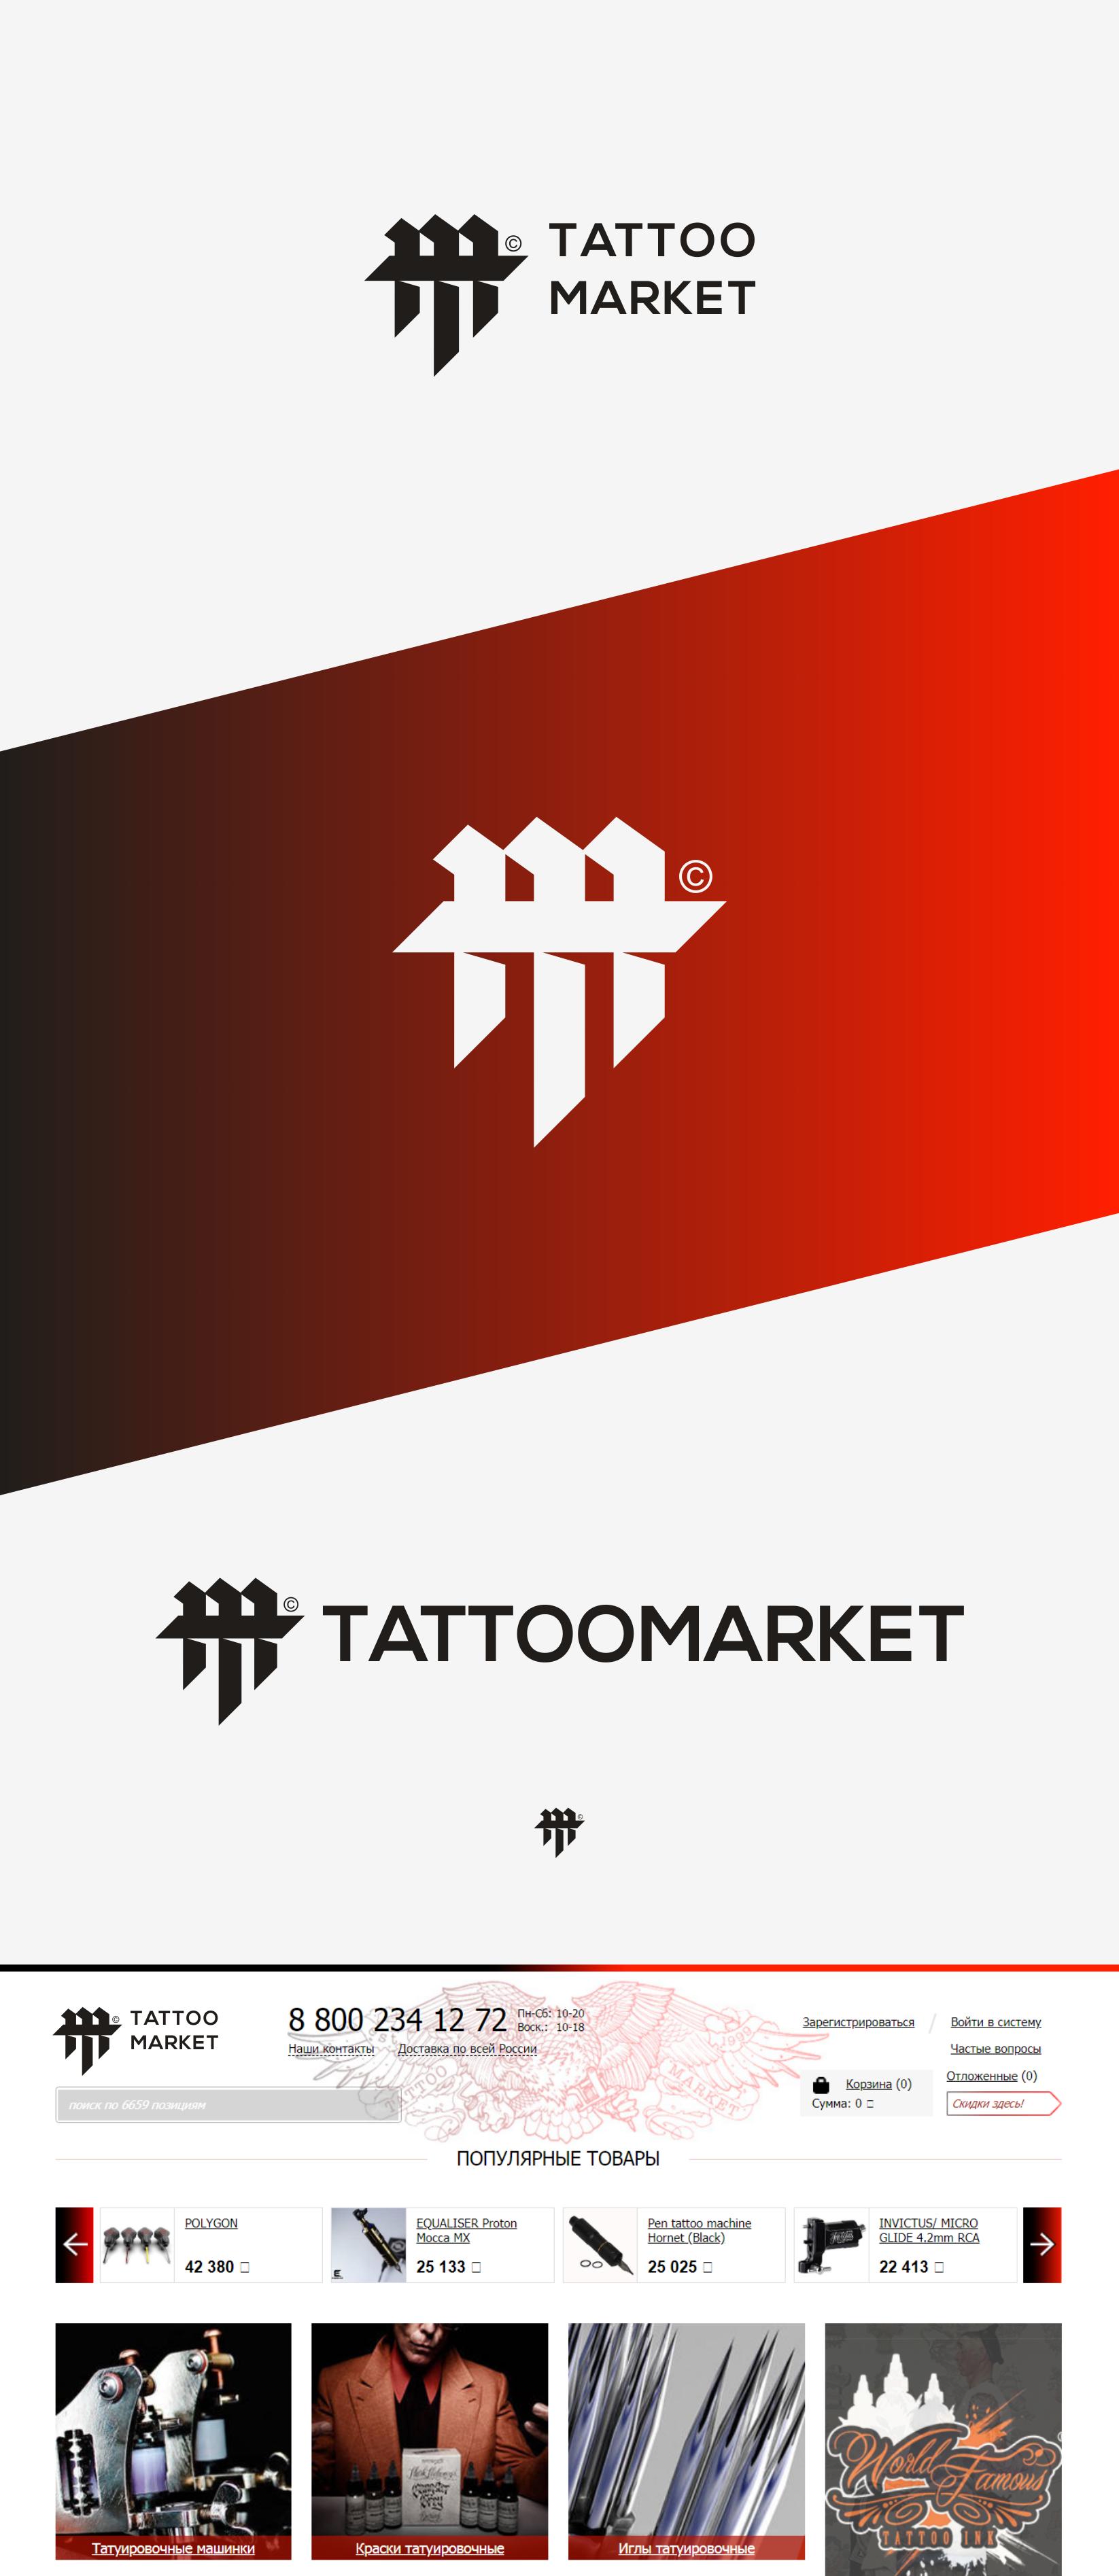 Редизайн логотипа магазина тату оборудования TattooMarket.ru фото f_0035c3a659a2d94a.png